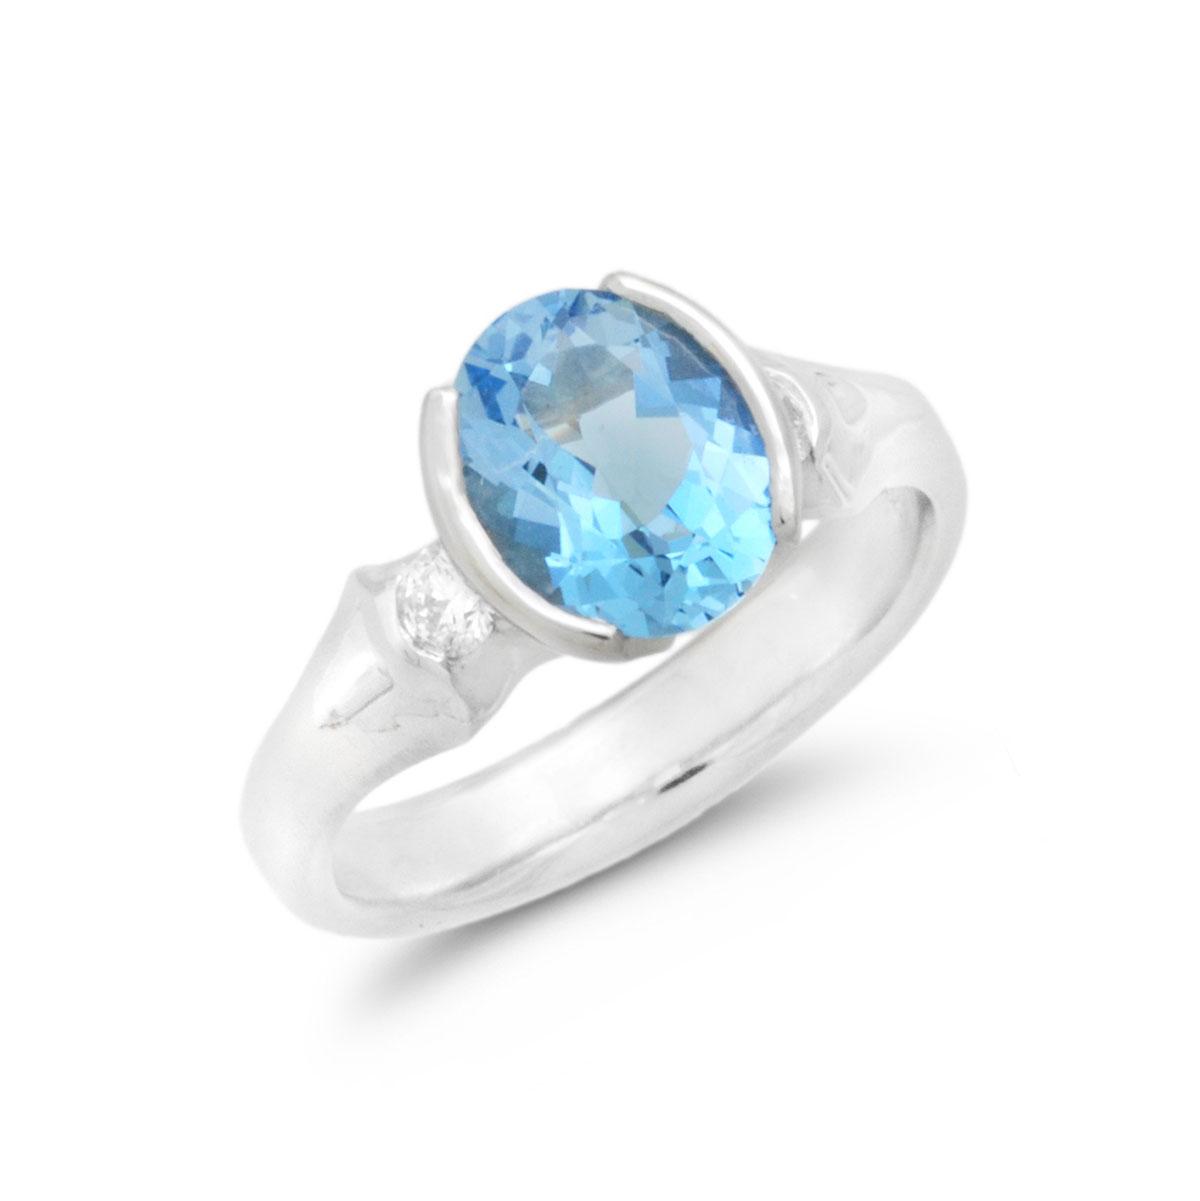 IND0989 Oval Aquamarine Ring